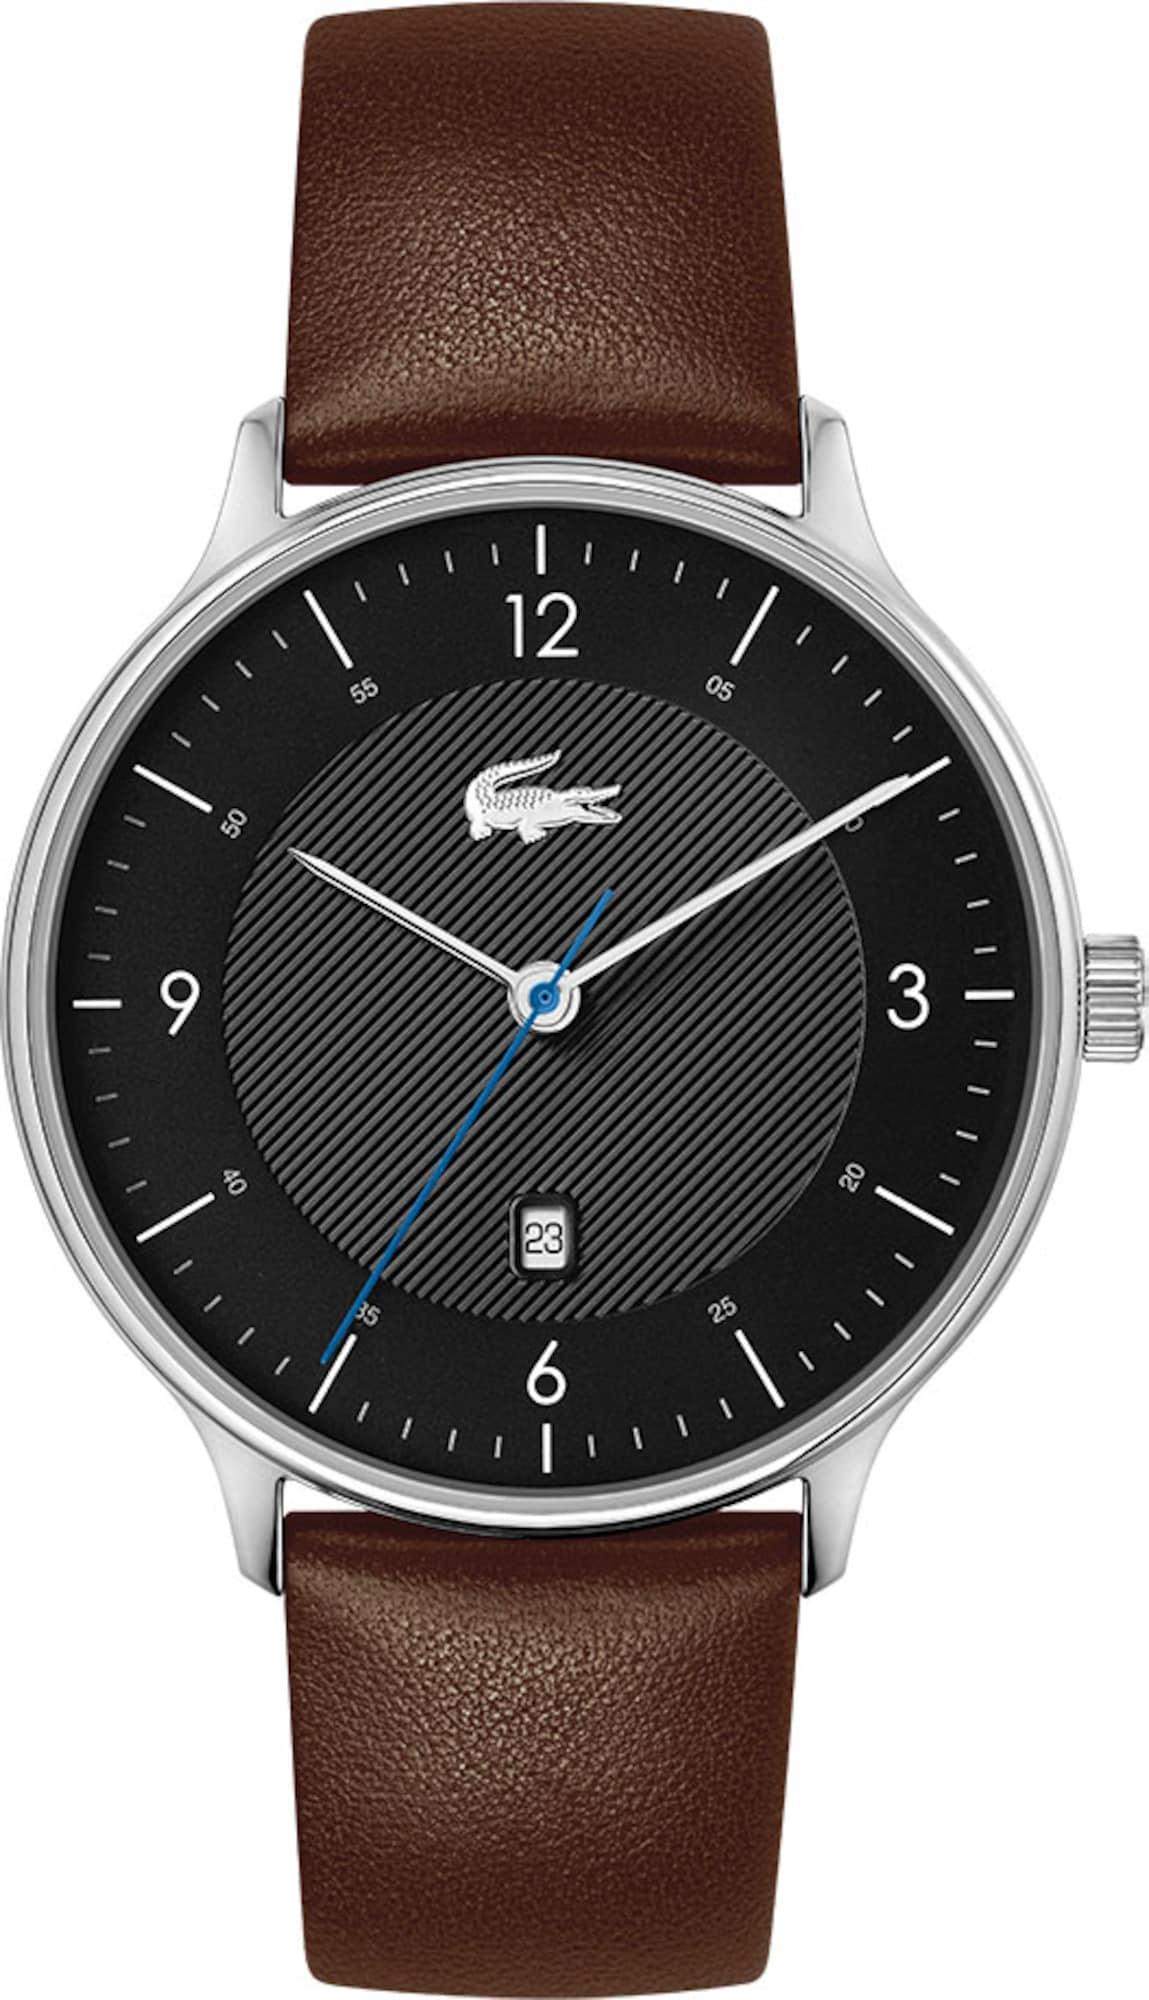 LACOSTE Analoginis (įprasto dizaino) laikrodis ruda / juoda / sidabrinė